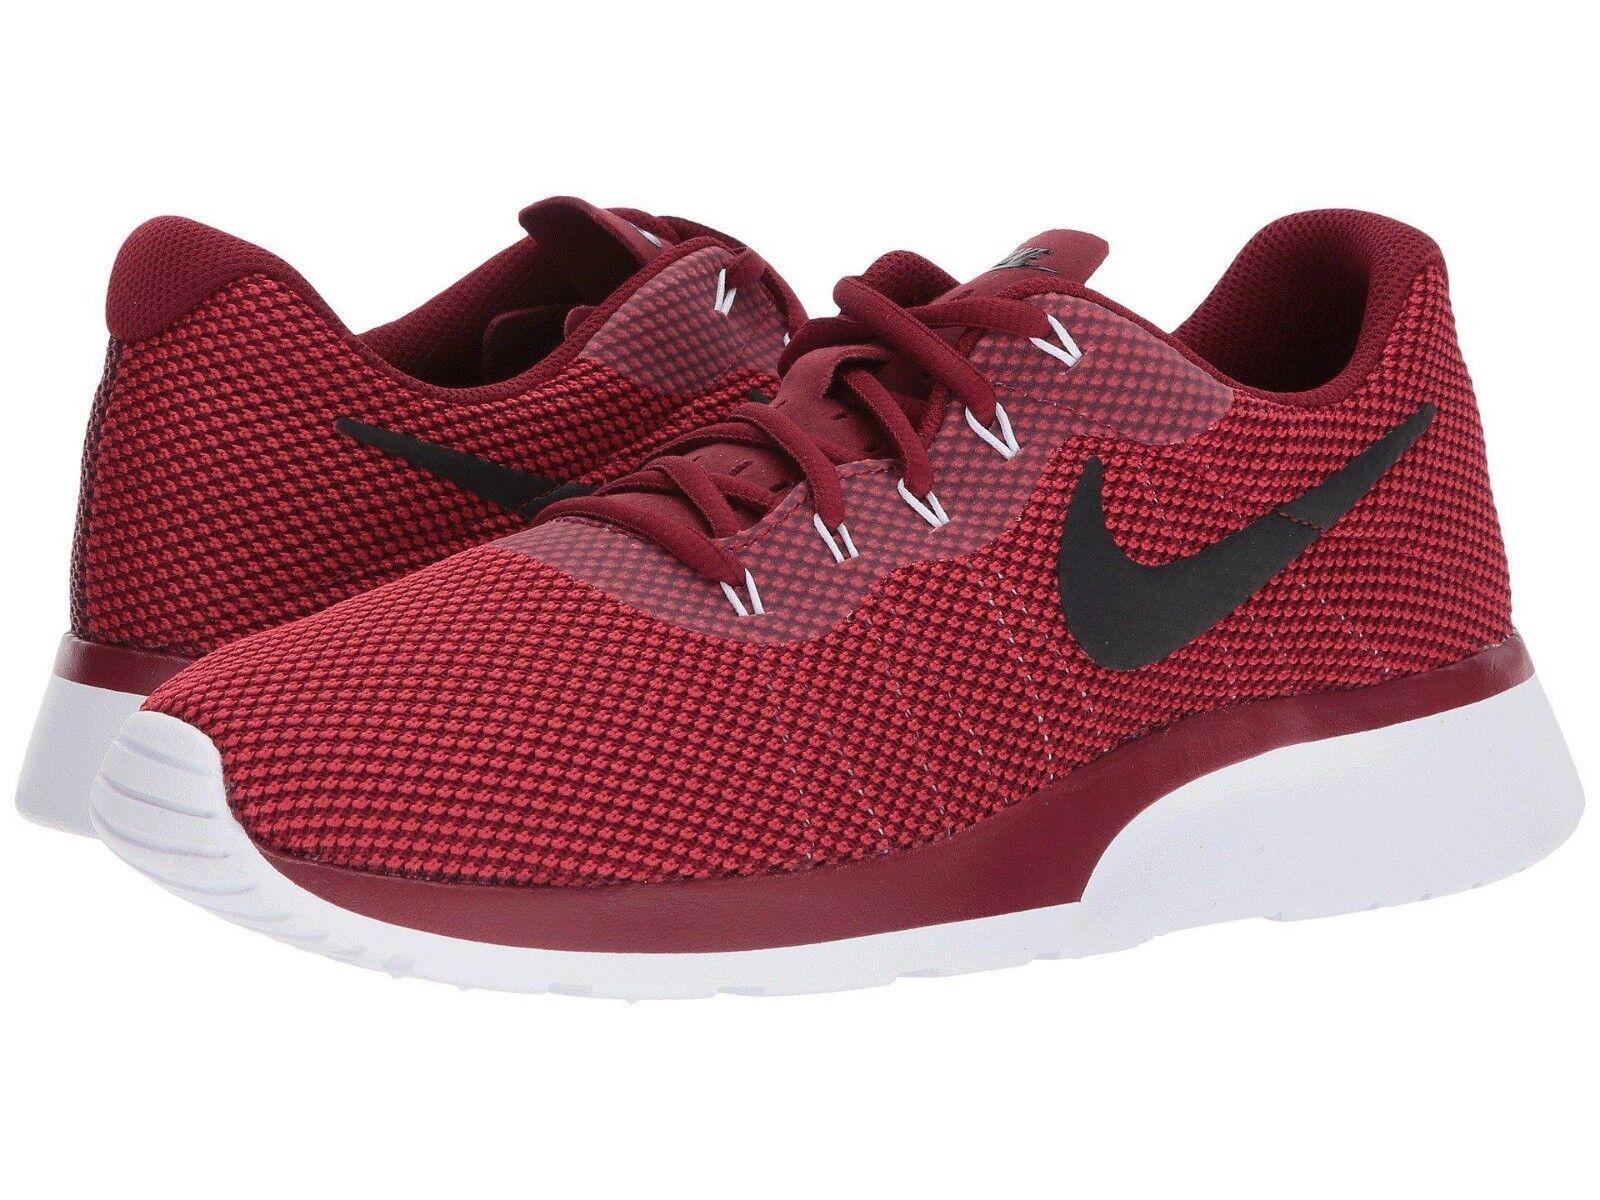 Nike Tanjun Red Racer Men's 11 Team Red Tanjun Black Gym Red Gym Trainers Walking Shoes 4cfa46